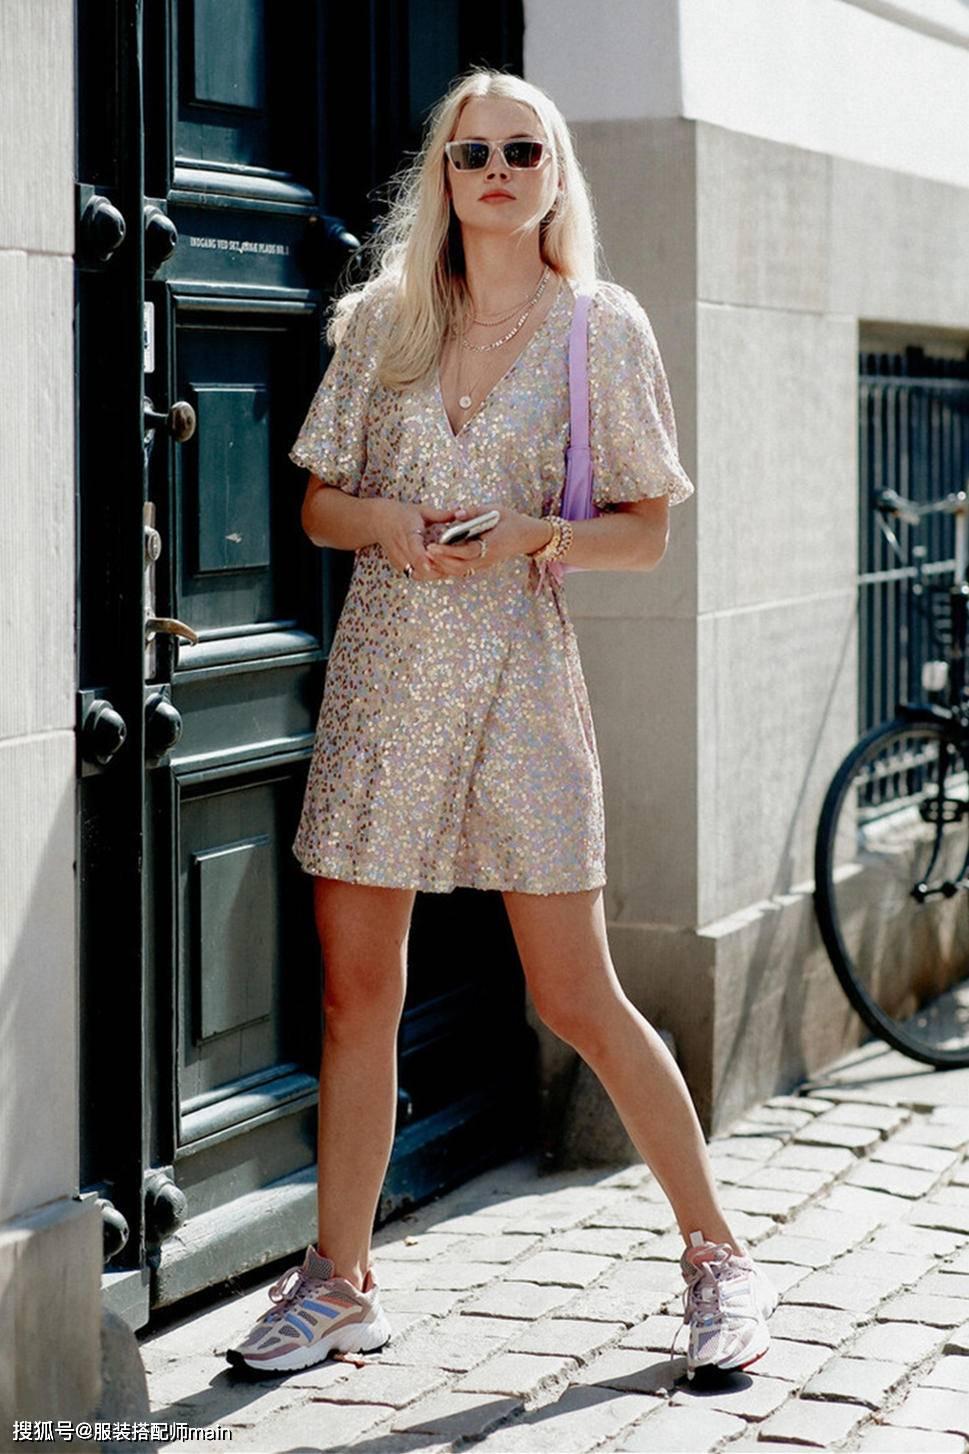 【骨架大女生怎么穿搭好看】杨紫的穿裙秘诀搞定骨架大难题